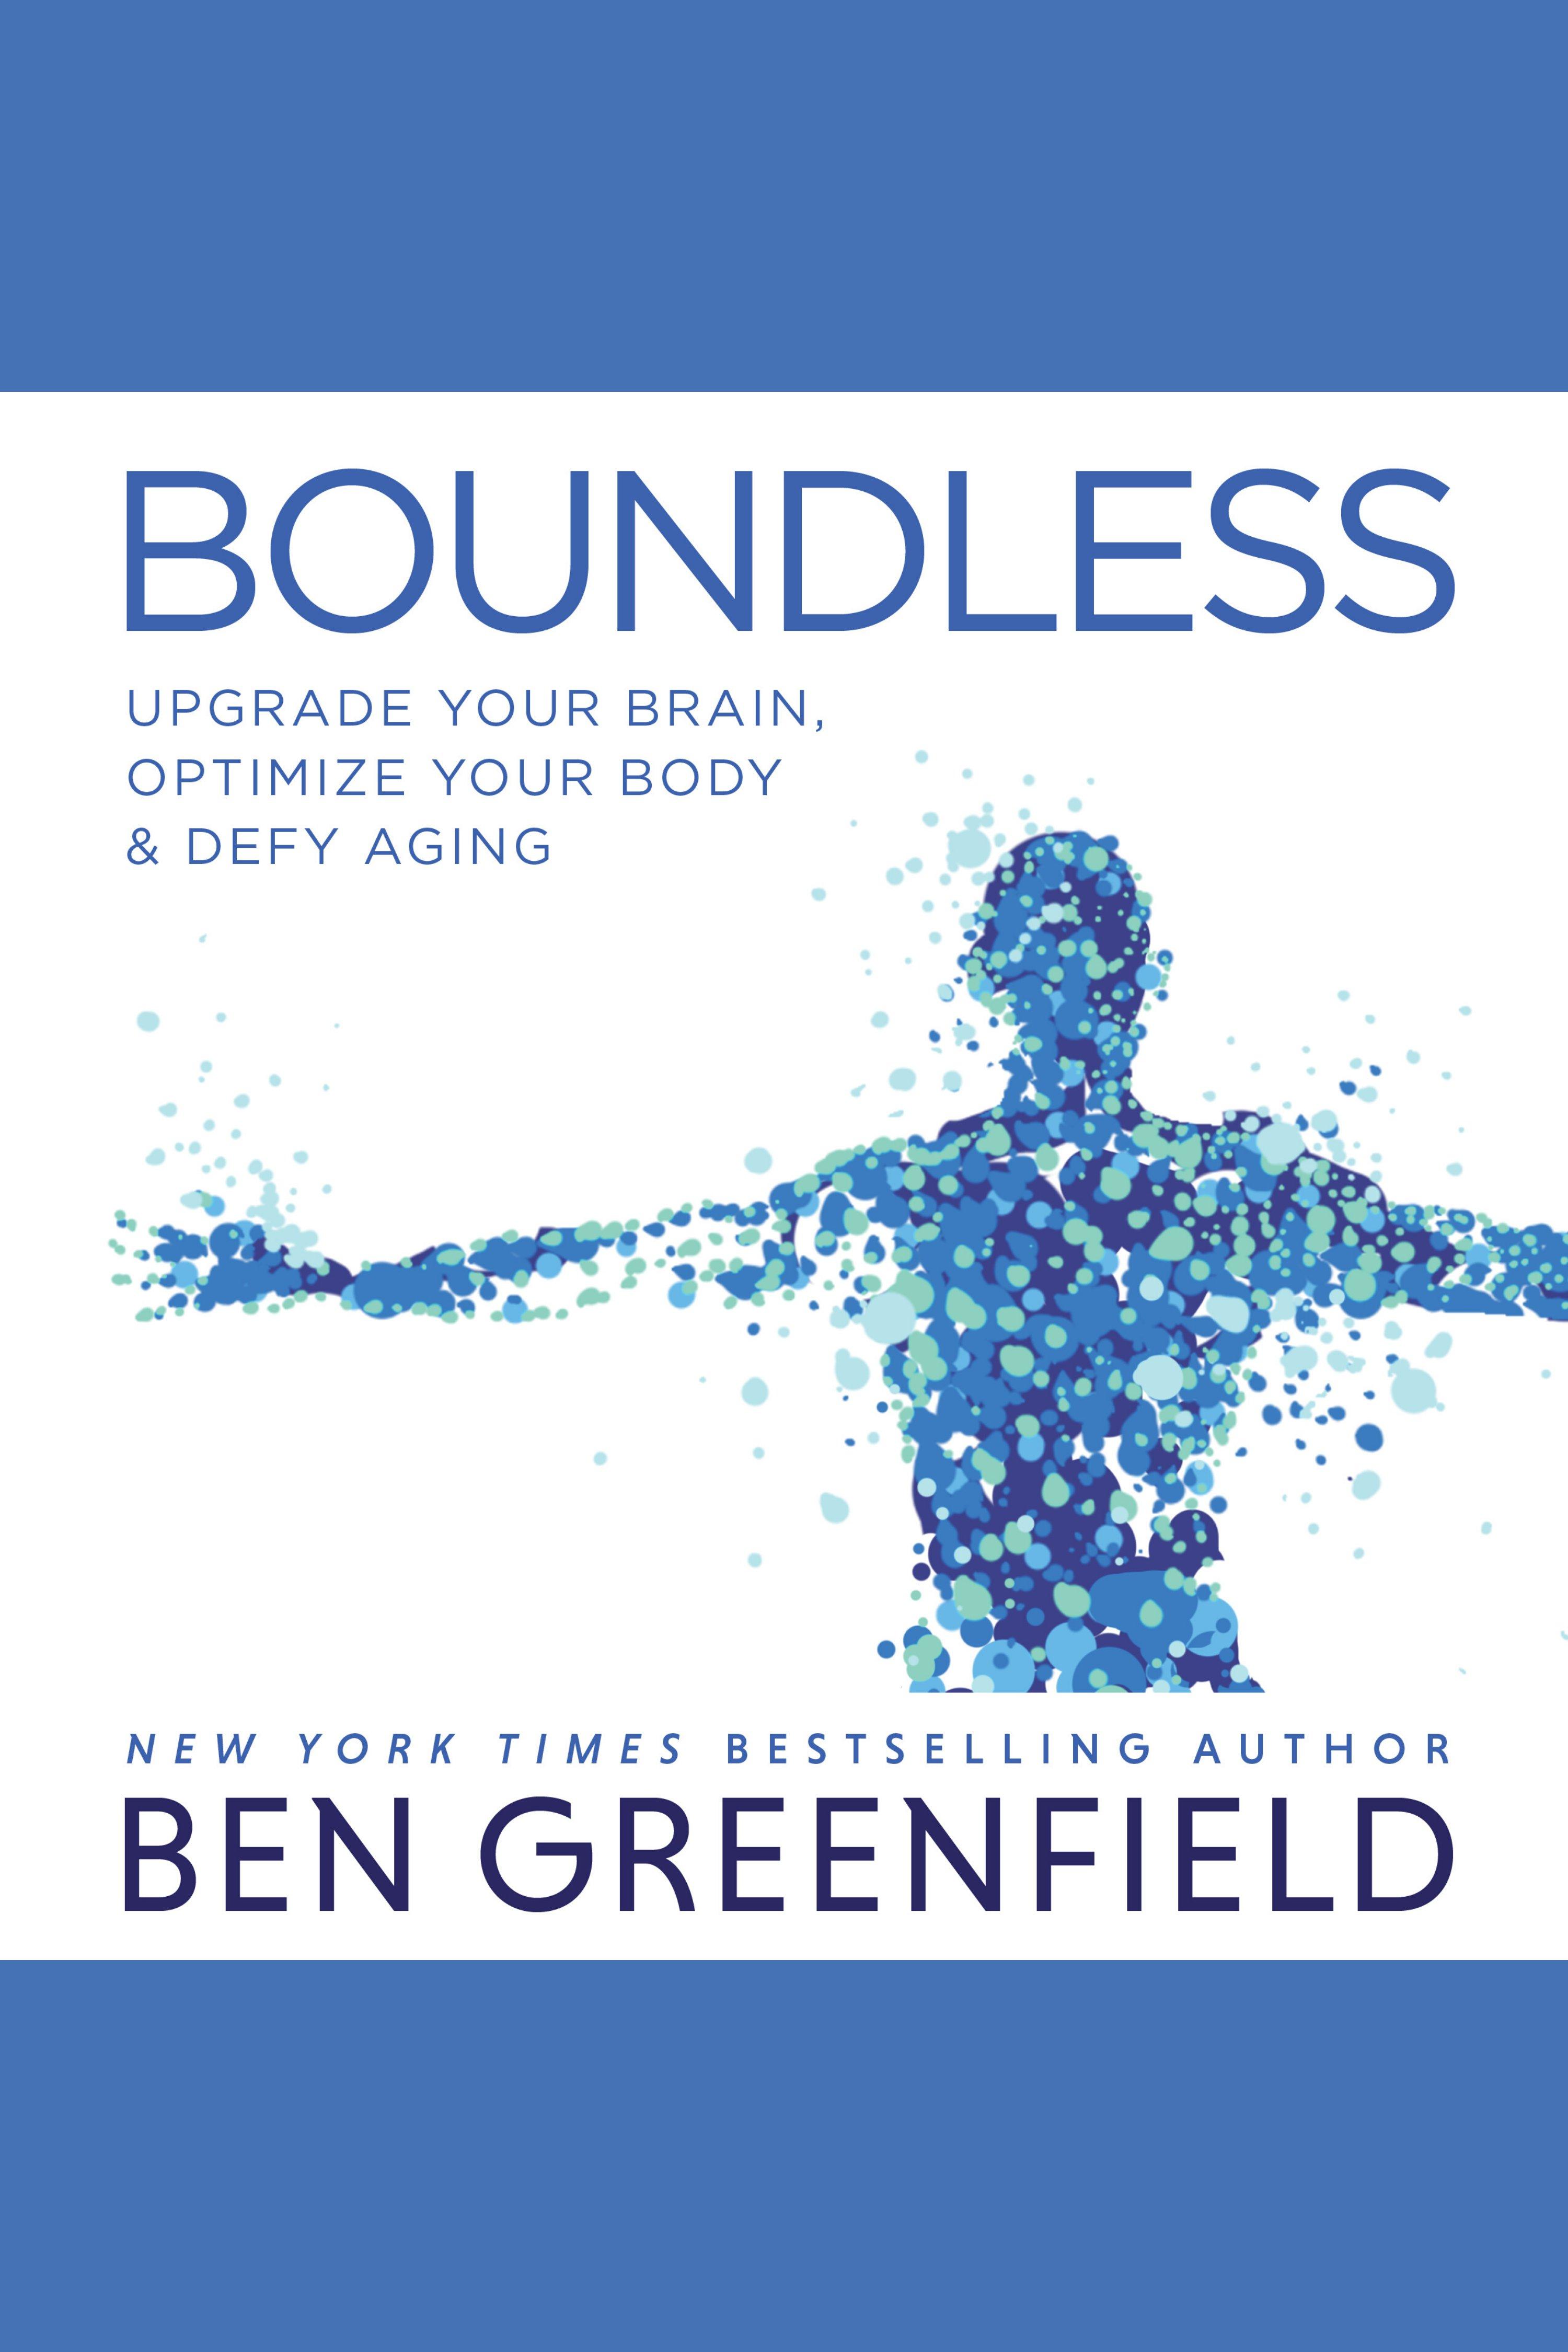 Esta es la portada del audiolibro Boundless